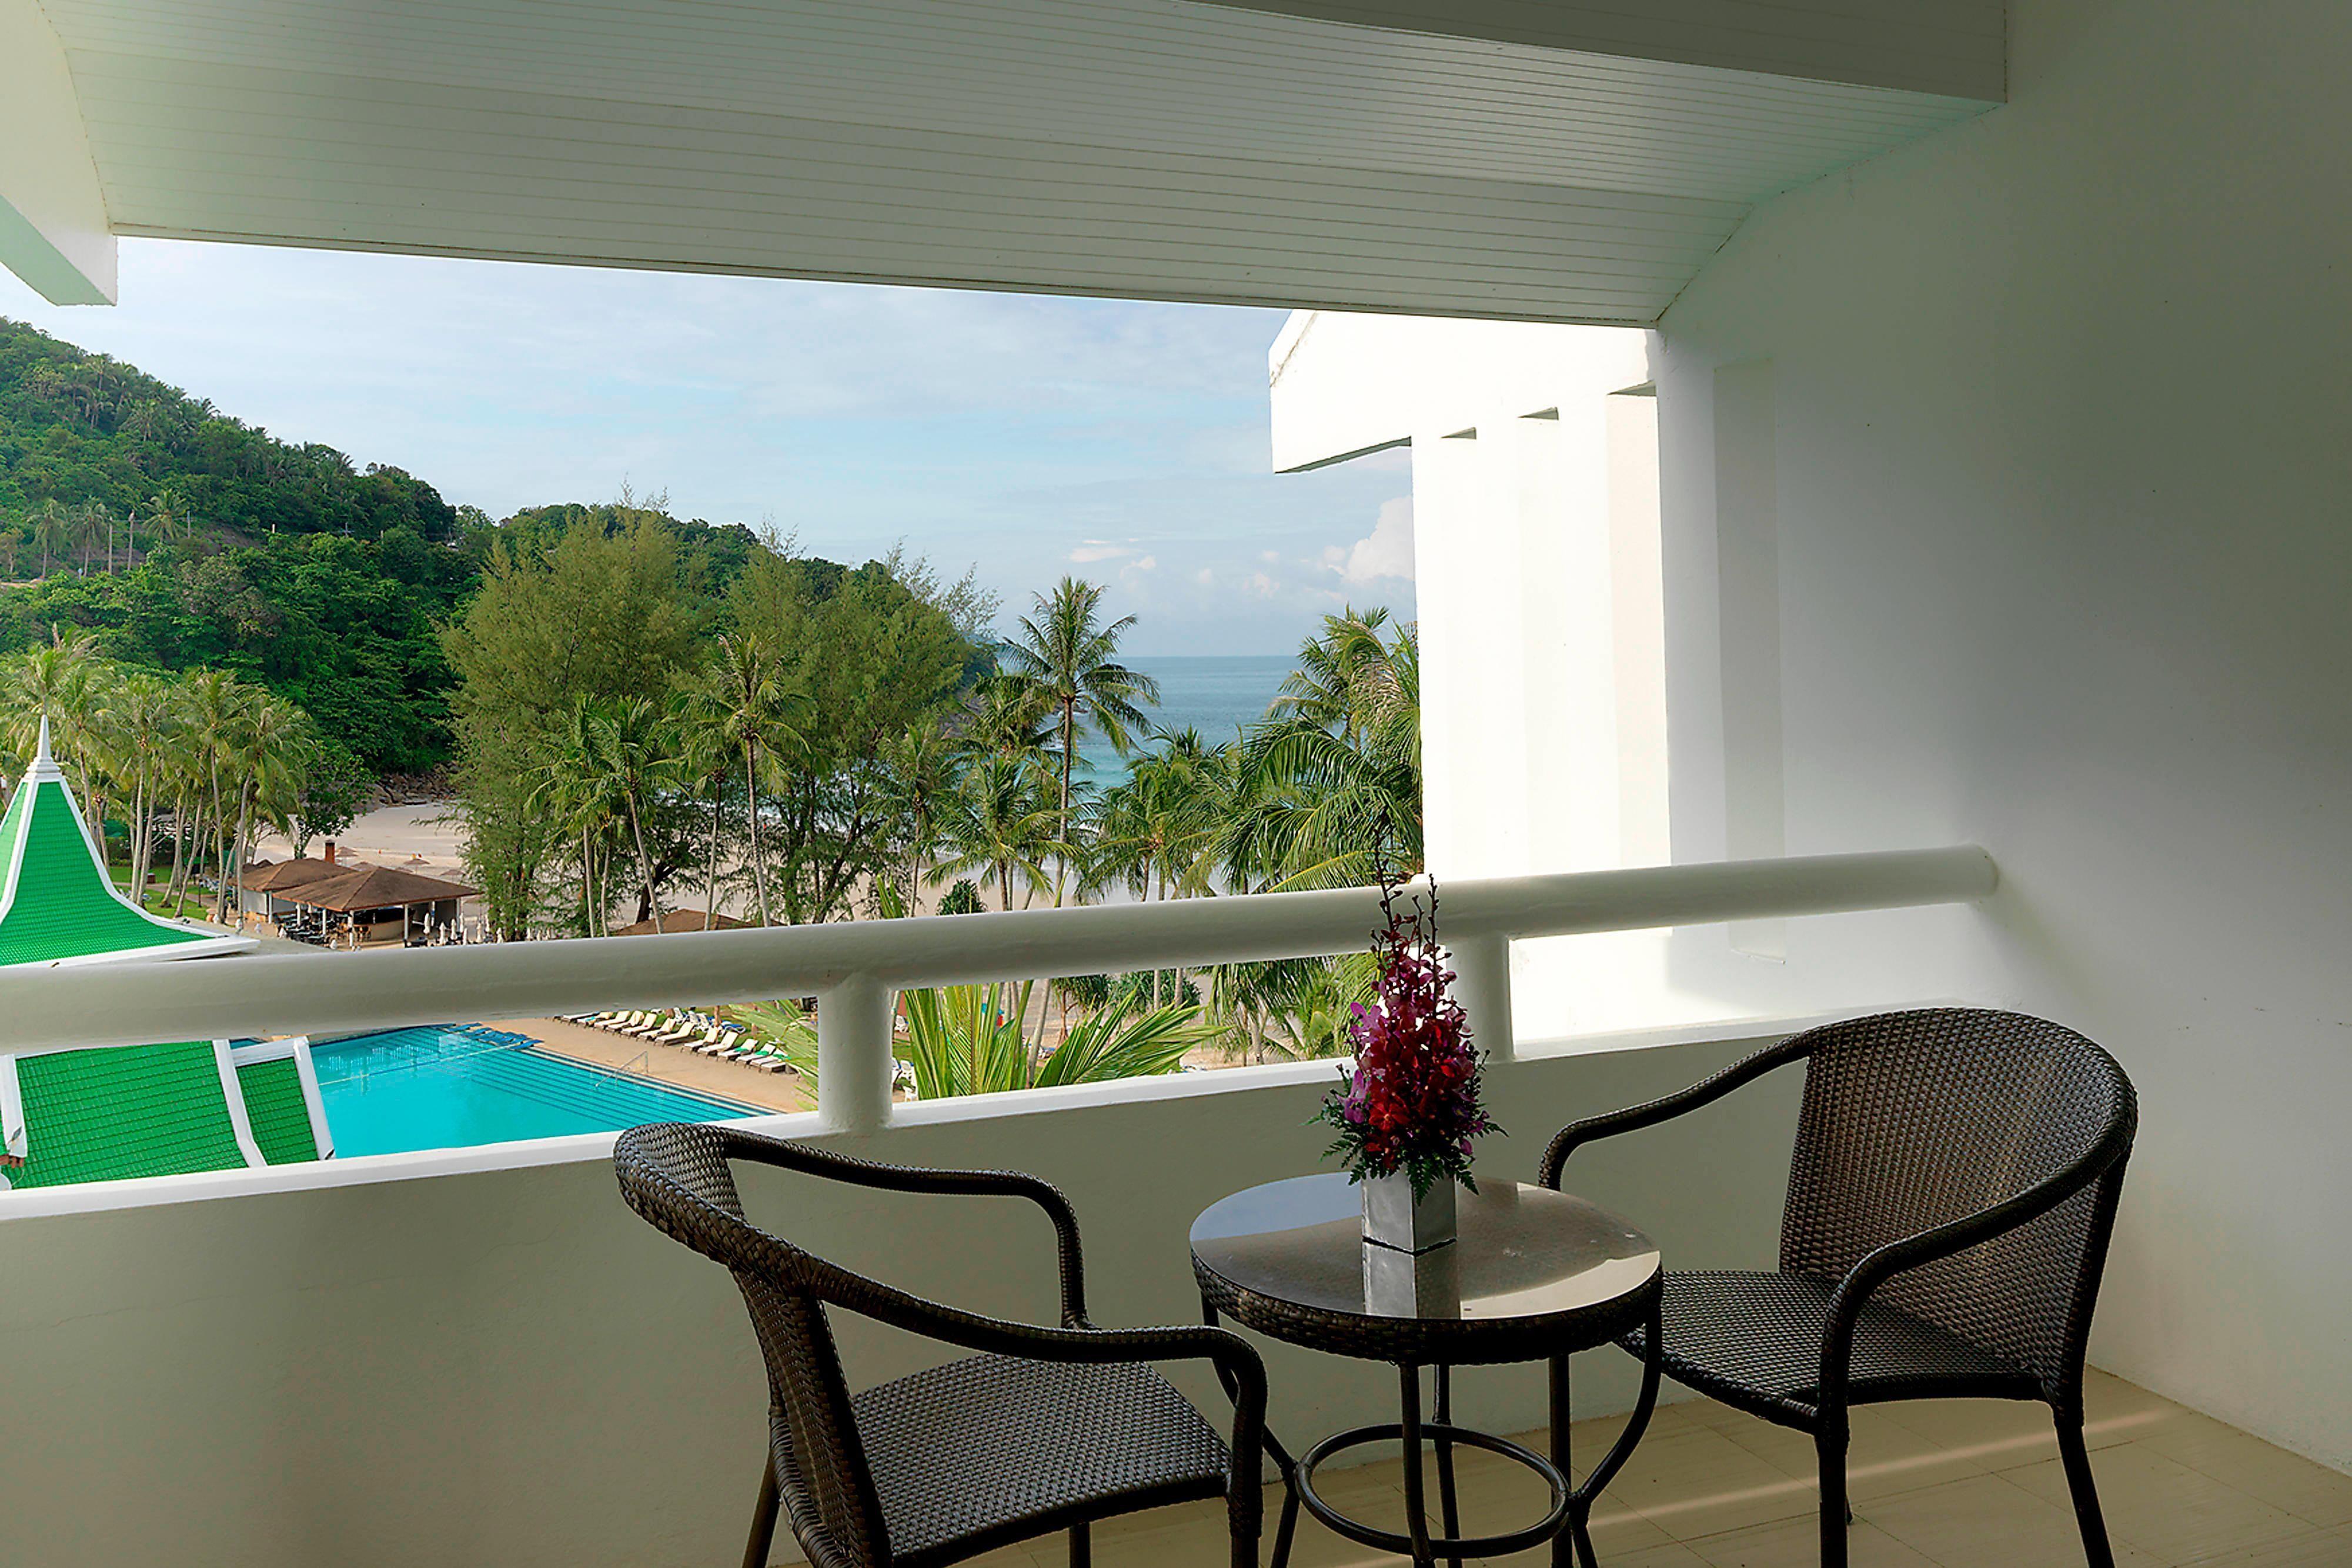 Deluxe Pool View Room Balcony